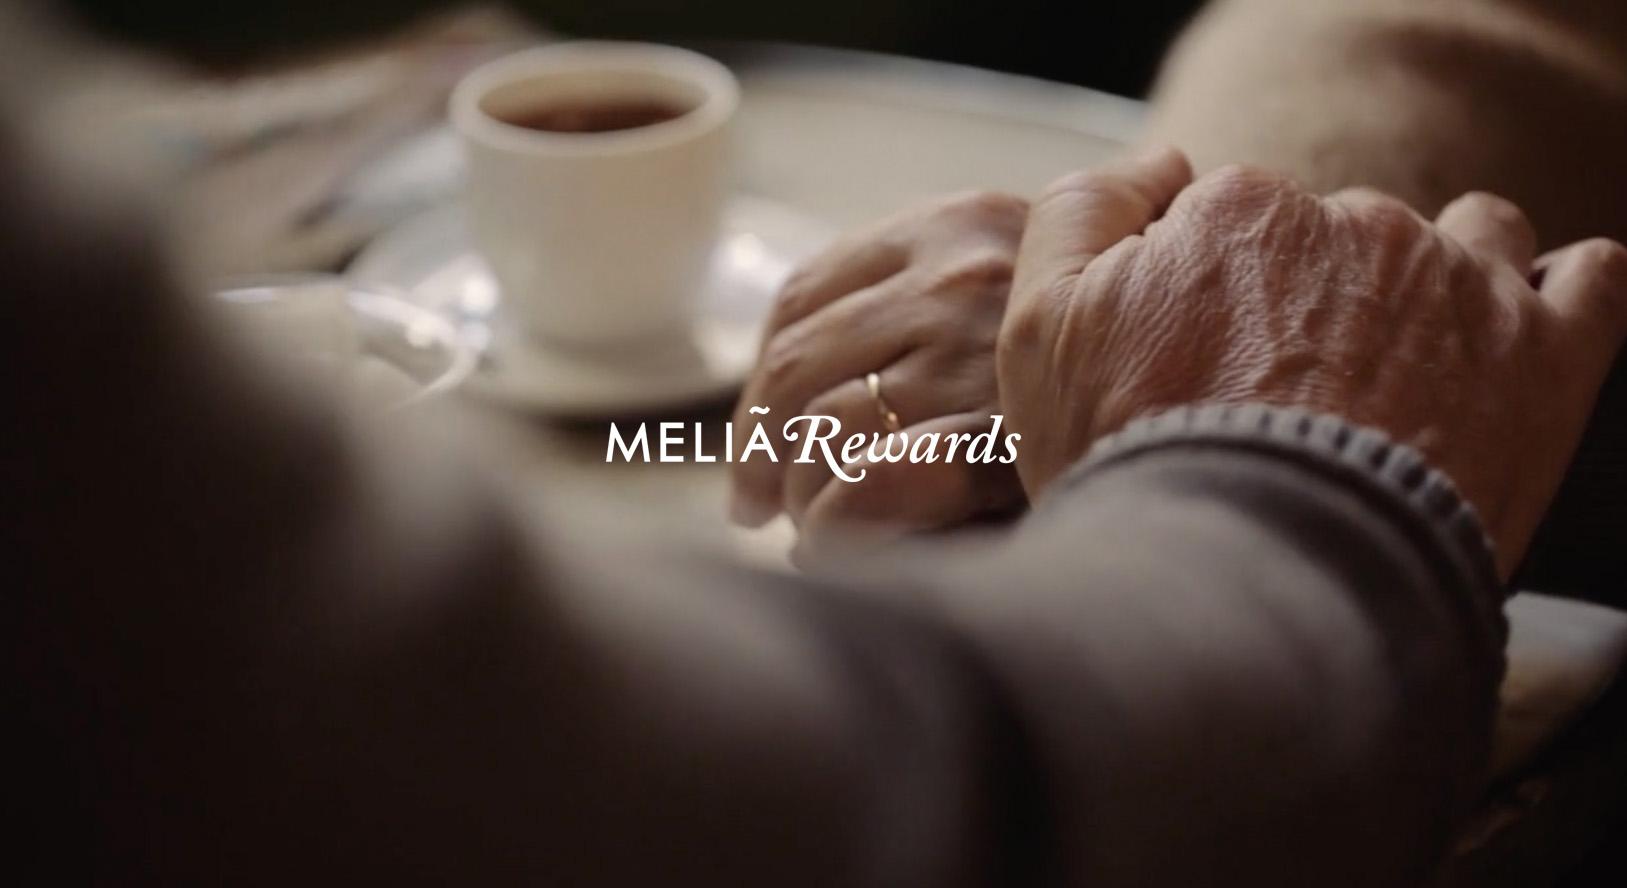 Melia rewards campaña 60 aniversario detalle café argentina